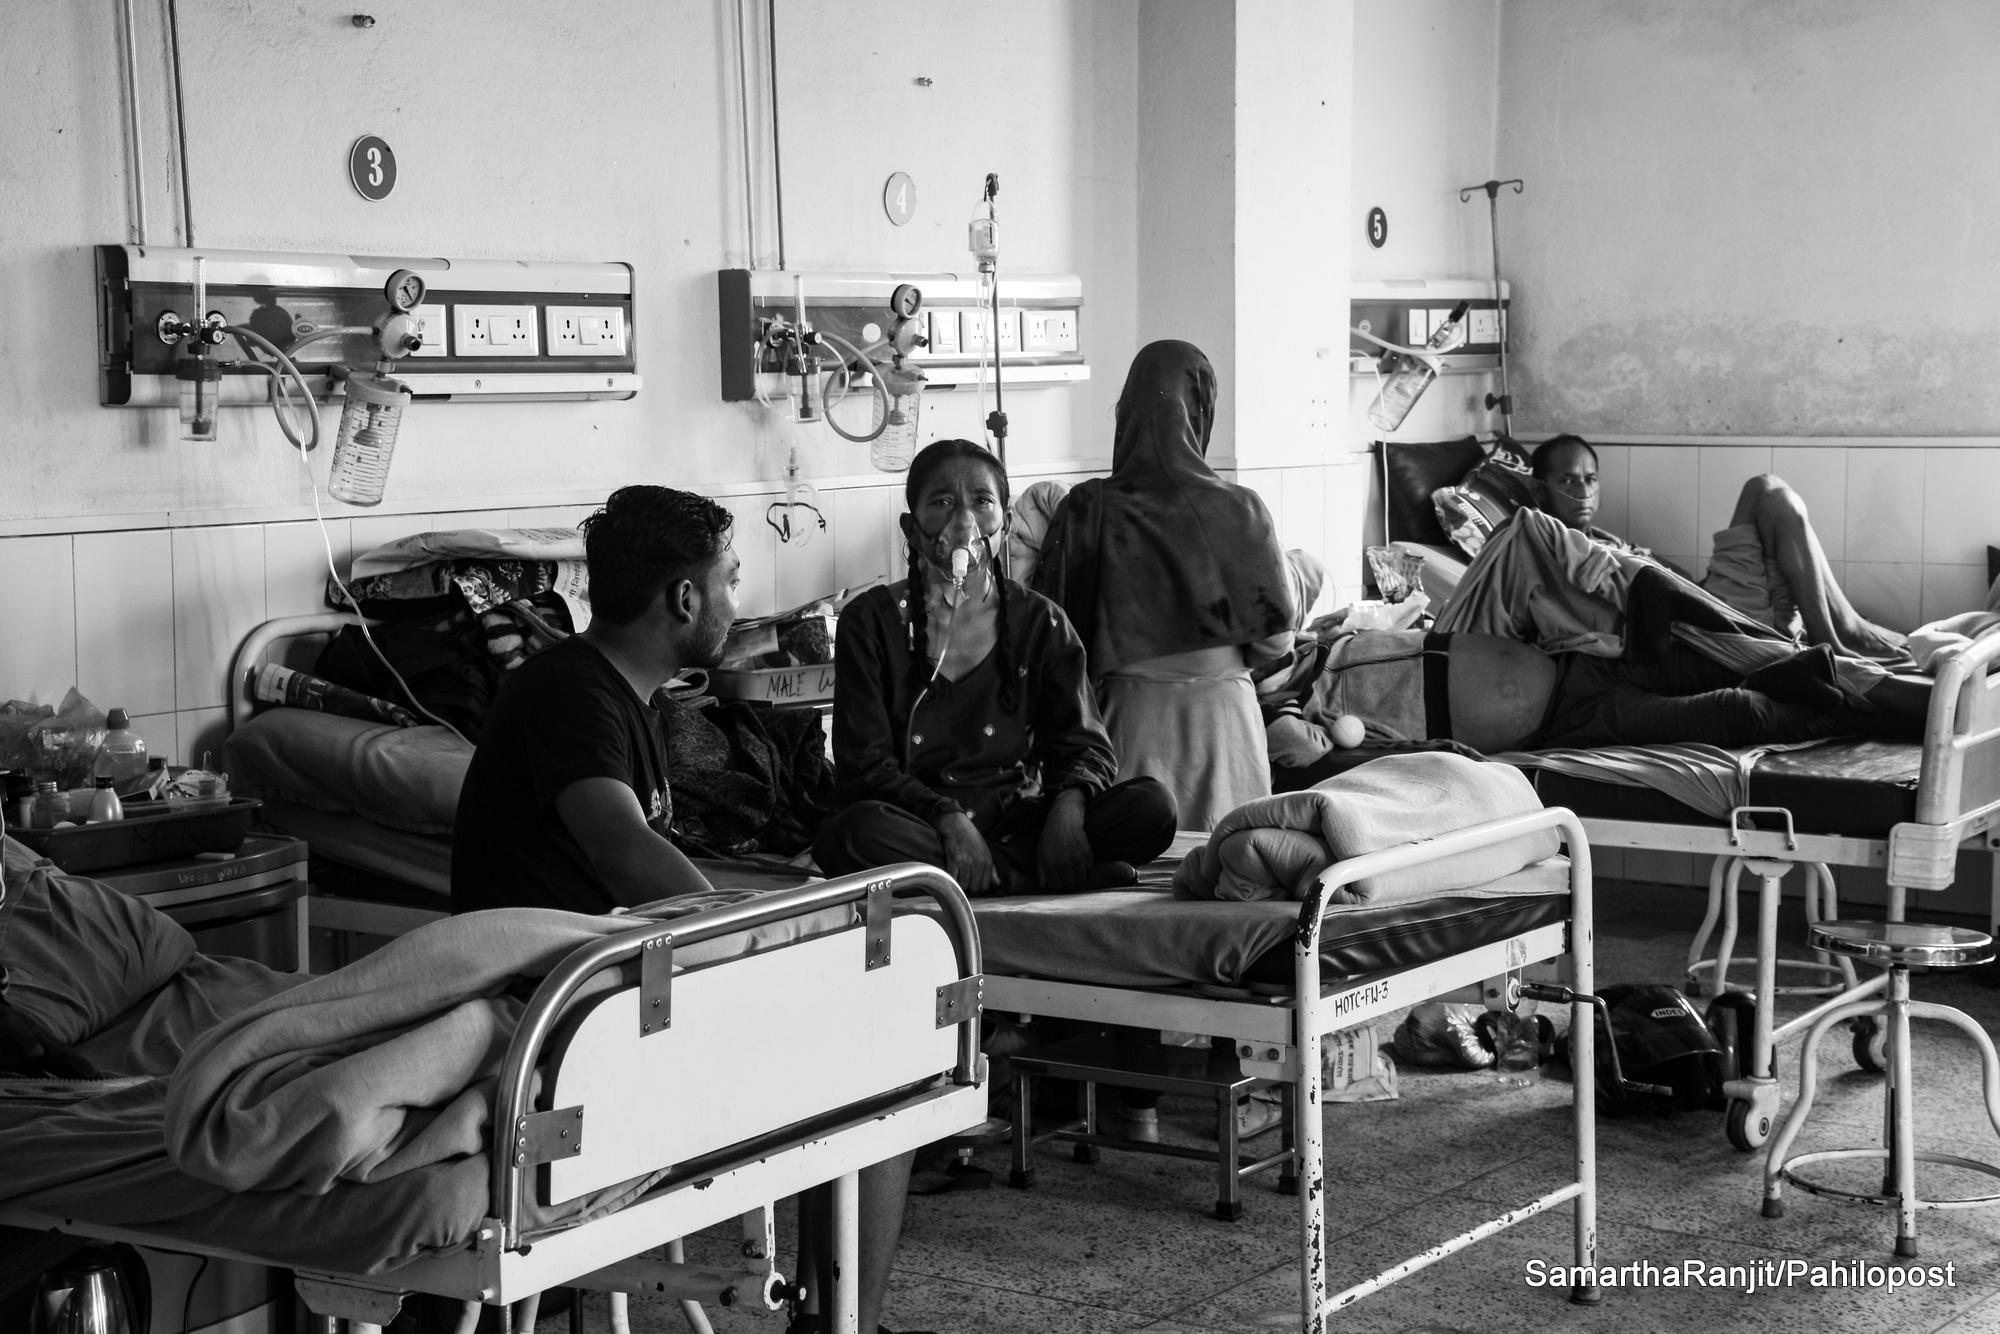 बाँच्ने आशामा निषेधको त्रास : विरामी र कुरुवा उत्रिए अस्पतालविरुद्ध, नर्सको बिजोग उस्तै